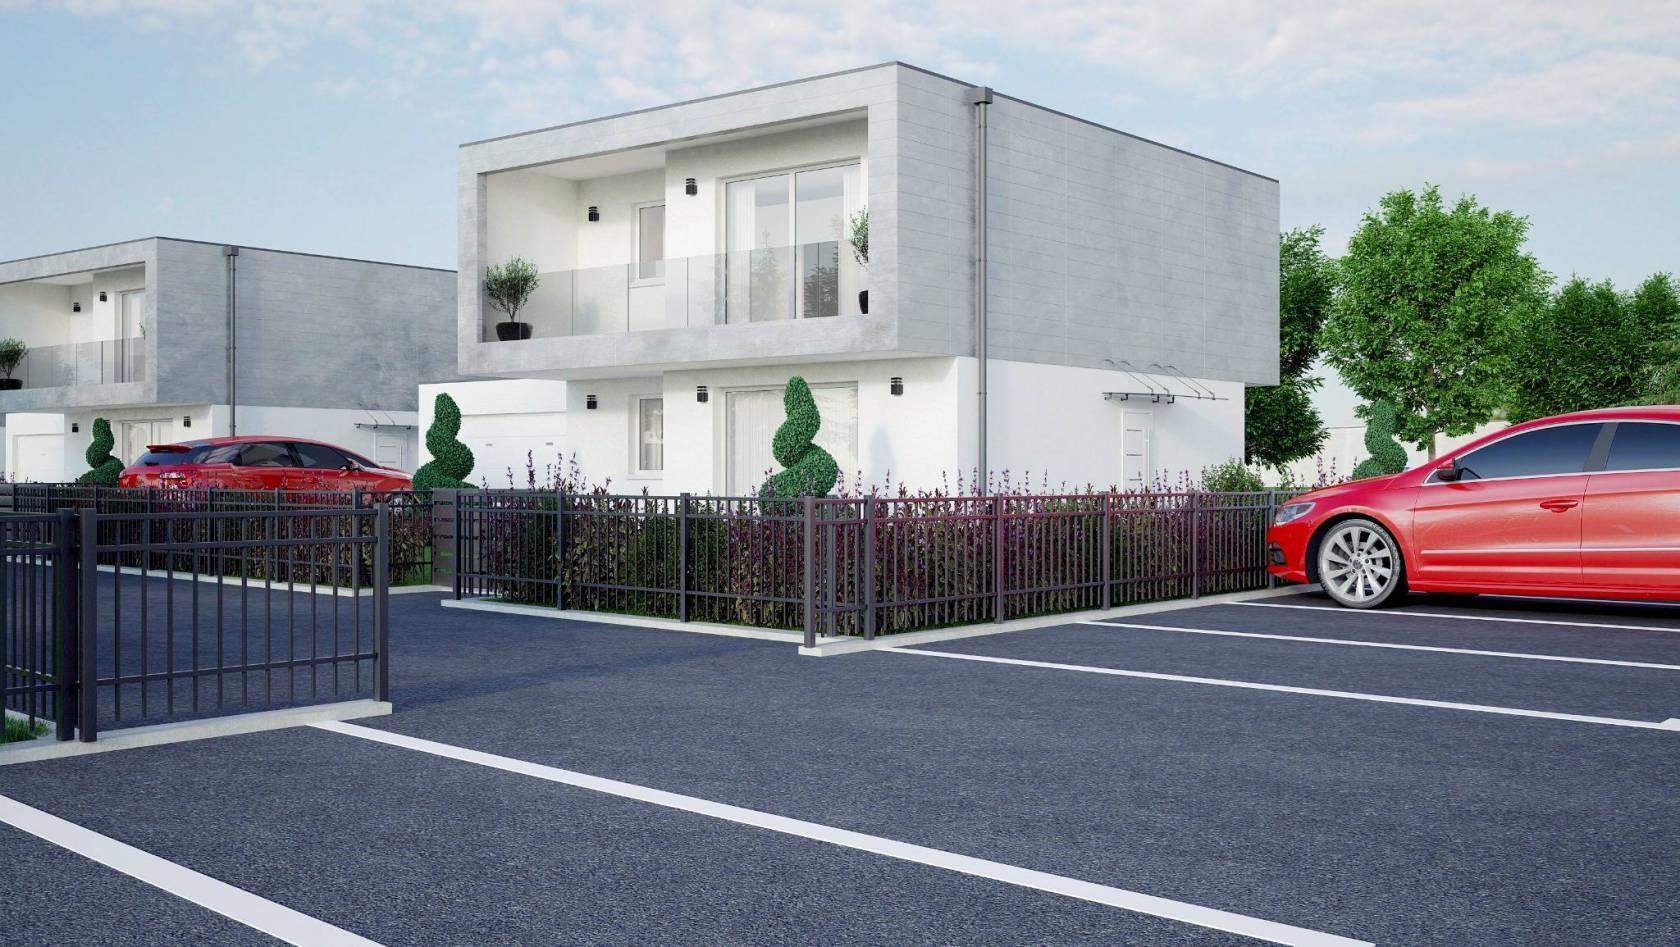 Foto 1 - Villa in Vendita - Usmate Velate (Monza e Brianza)